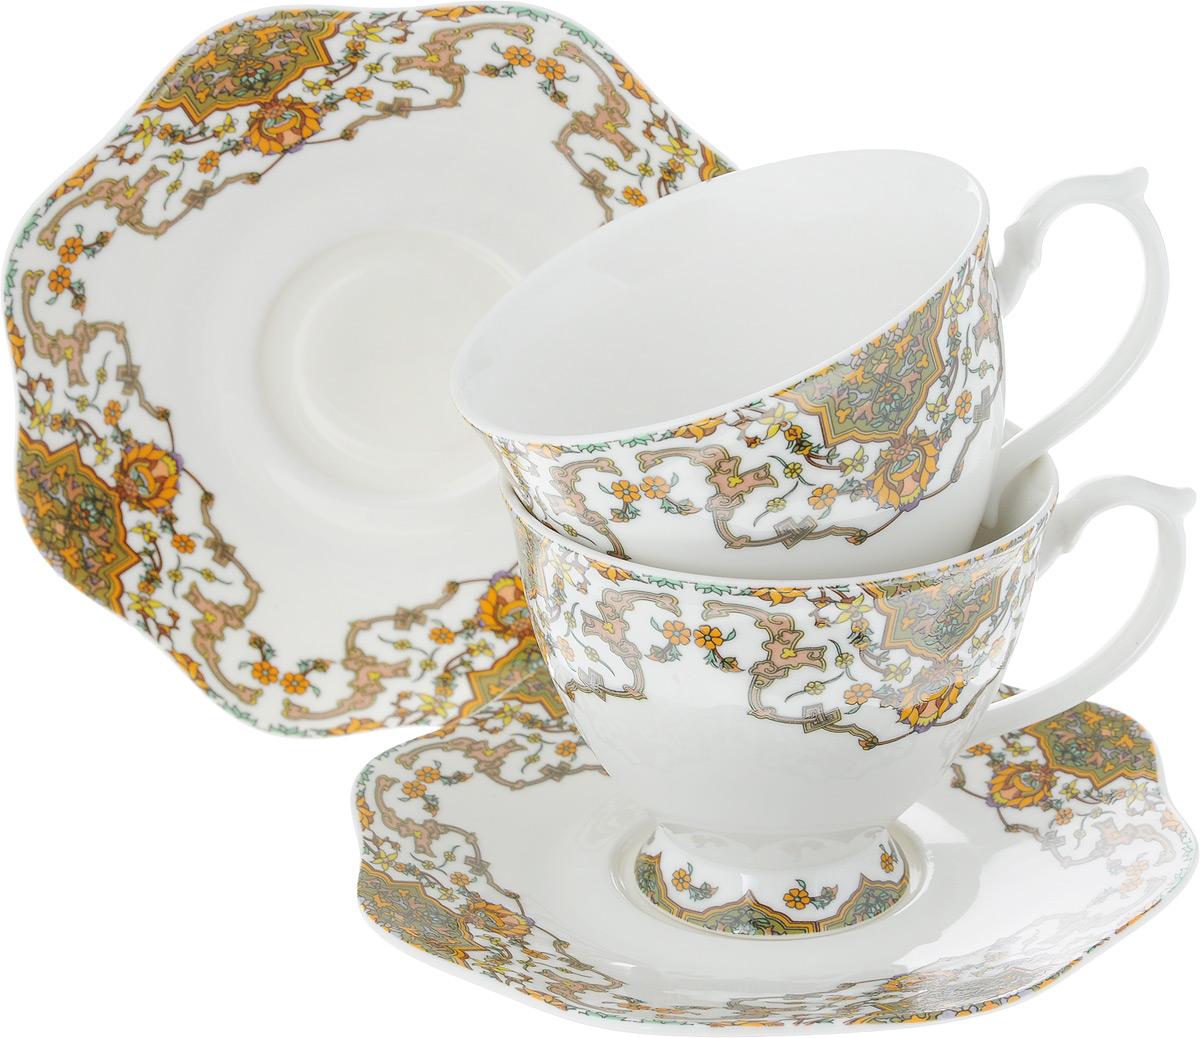 Набор чайный Loraine, 4 предмета. 26617115510Чайный набор Loraine на 2 персоны выполнен из высококачественного костяного фарфора - материала, безопасного для здоровья и надолго сохраняющего тепло напитка. В наборе 2 чашки и 2 блюдца. Несмотря на свою внешнюю хрупкость, каждый из предметов набора обладает высокой прочностью и надежностью. Изделия дополнены ярким красивым узором. Оригинальный дизайн сделает этот набор изысканным украшением любого стола. Набор упакован в подарочную коробку в форме сердца, поэтому его можно преподнести в качестве оригинального и практичного подарка для родных и близких. Объем чашки: 180 мл. Диаметр чашки (по верхнему краю): 8,5 см. Высота чашки: 7 см. Диаметр блюдца: 14 см.